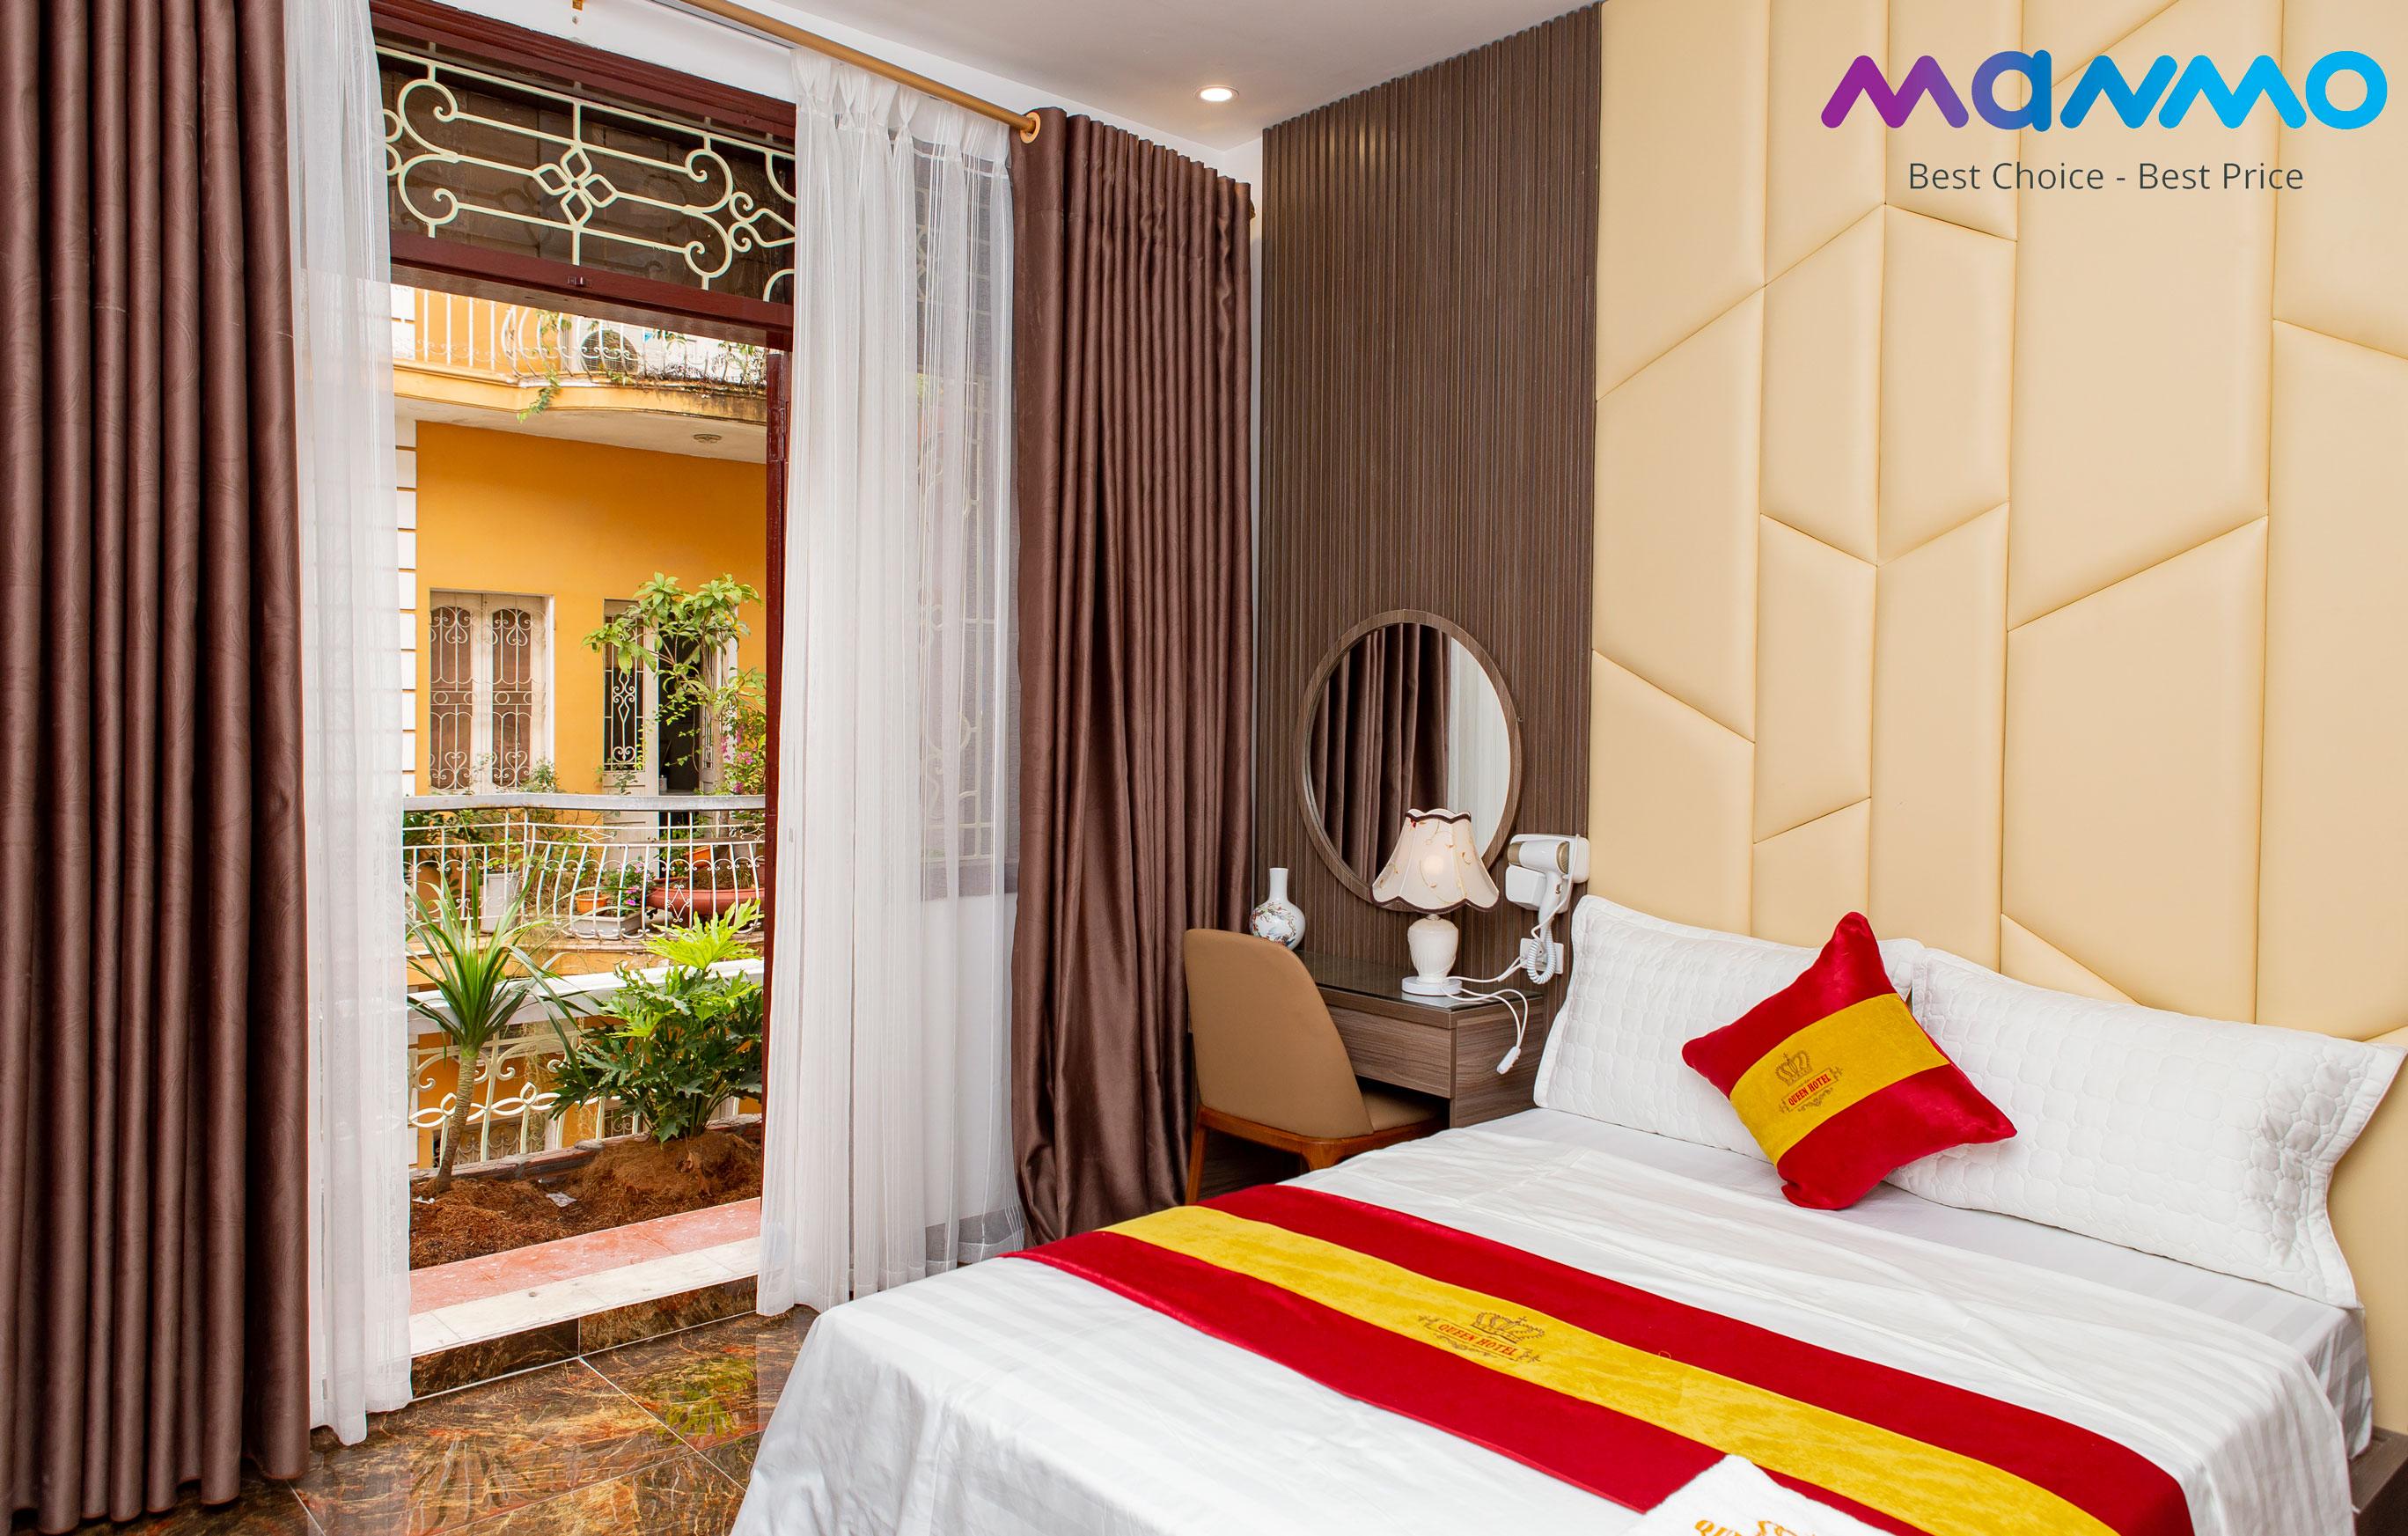 Queen Hotel I